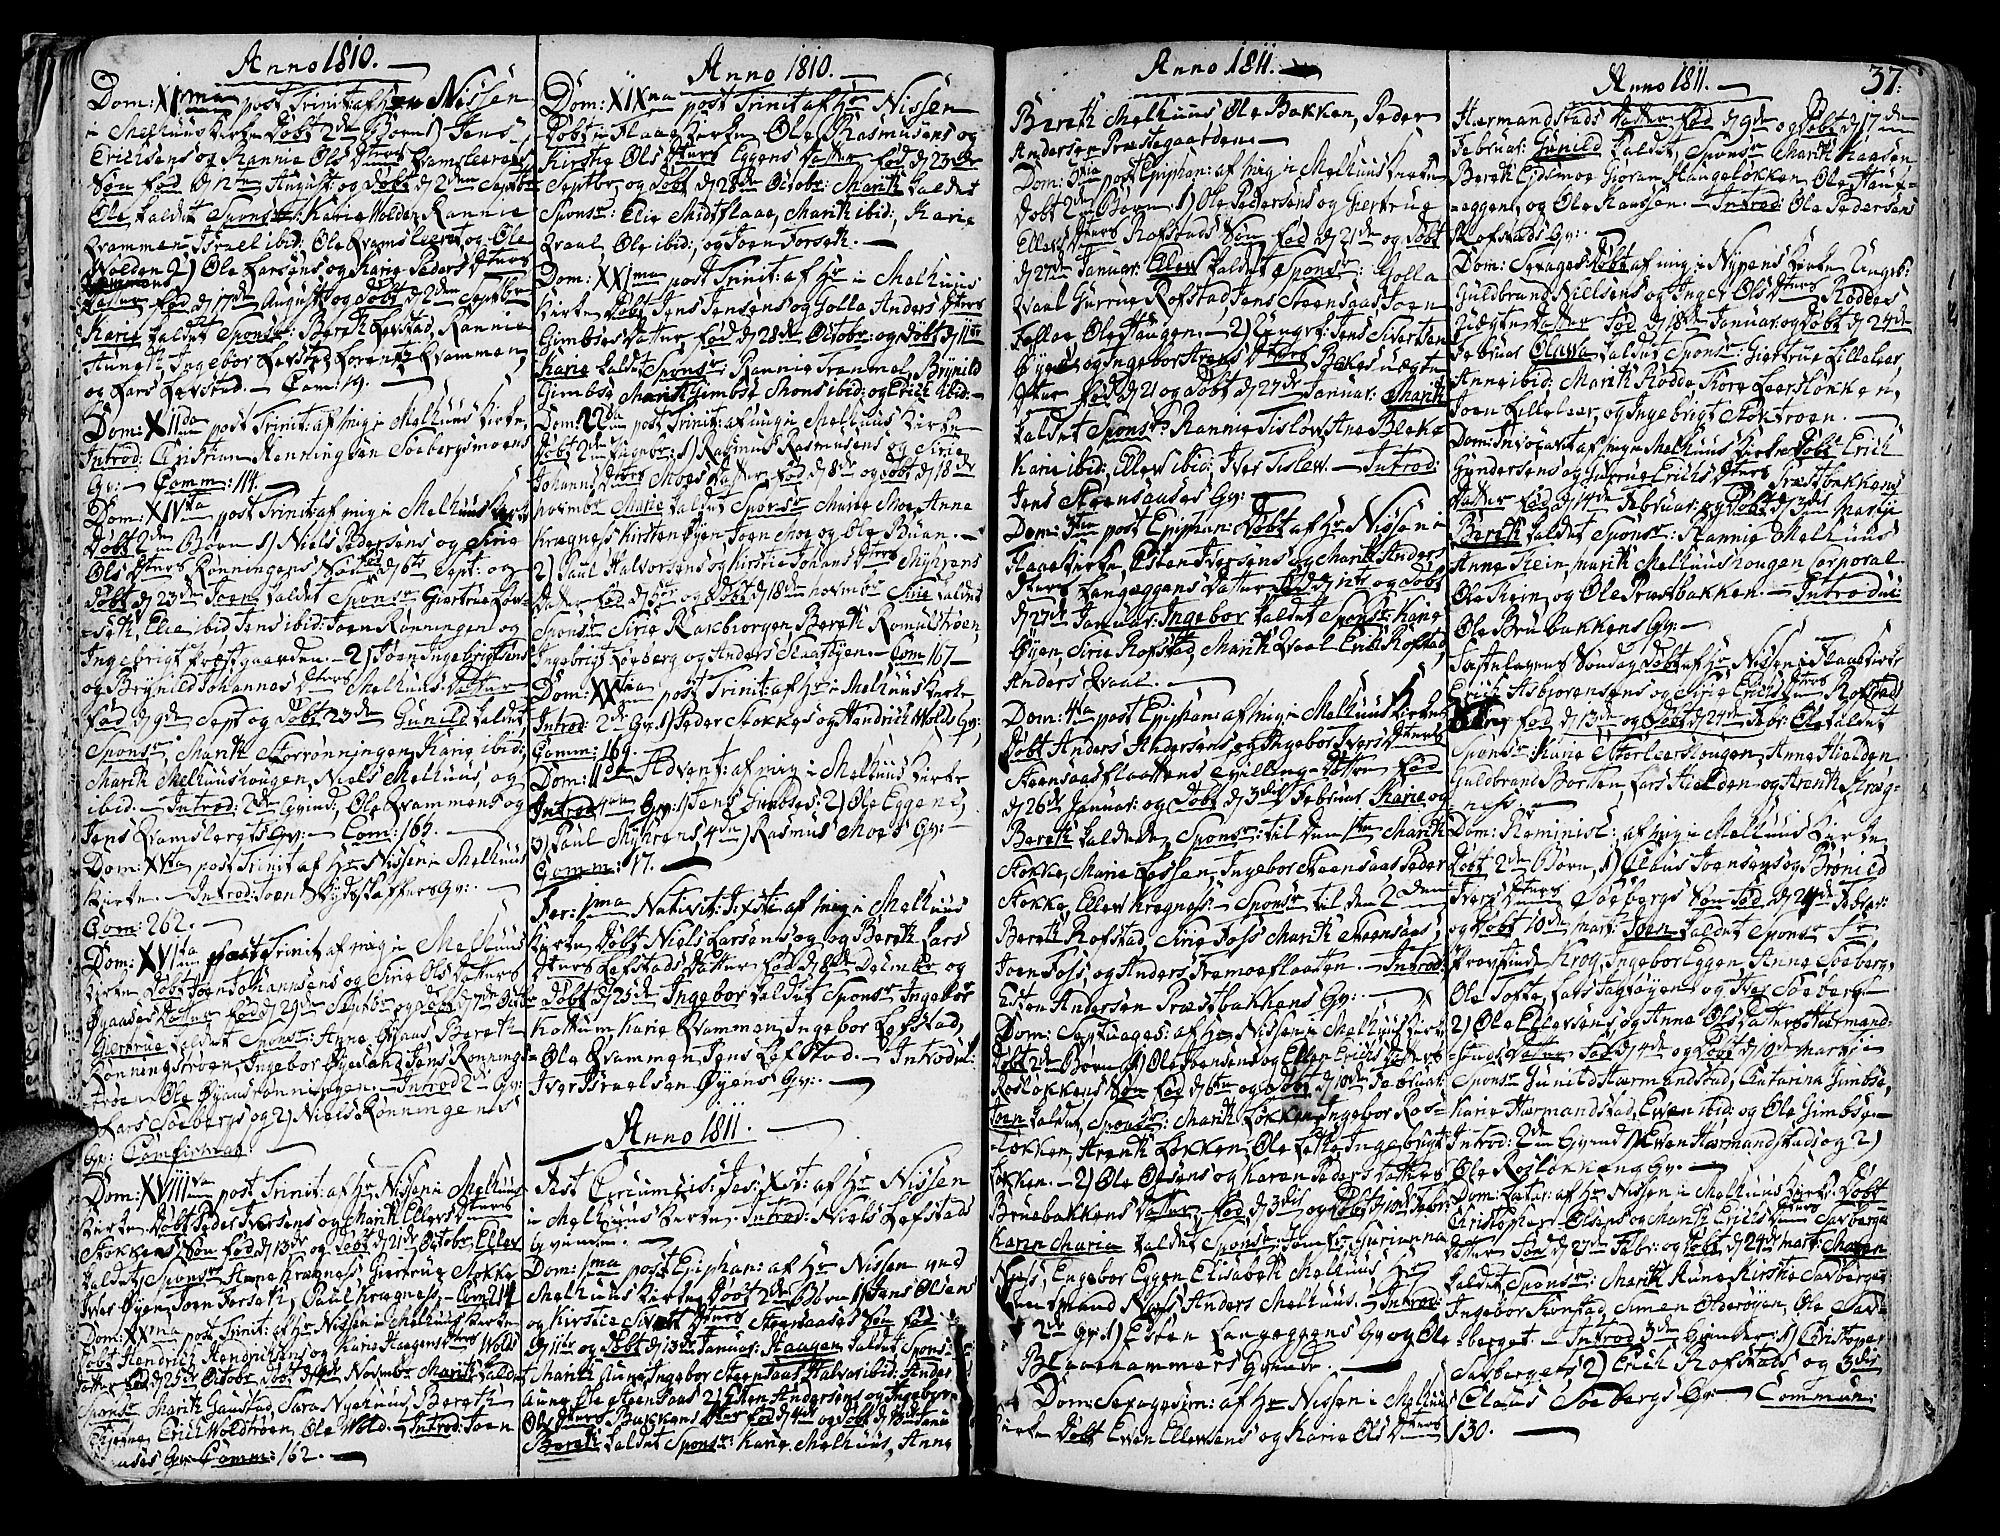 SAT, Ministerialprotokoller, klokkerbøker og fødselsregistre - Sør-Trøndelag, 691/L1061: Ministerialbok nr. 691A02 /1, 1768-1815, s. 37